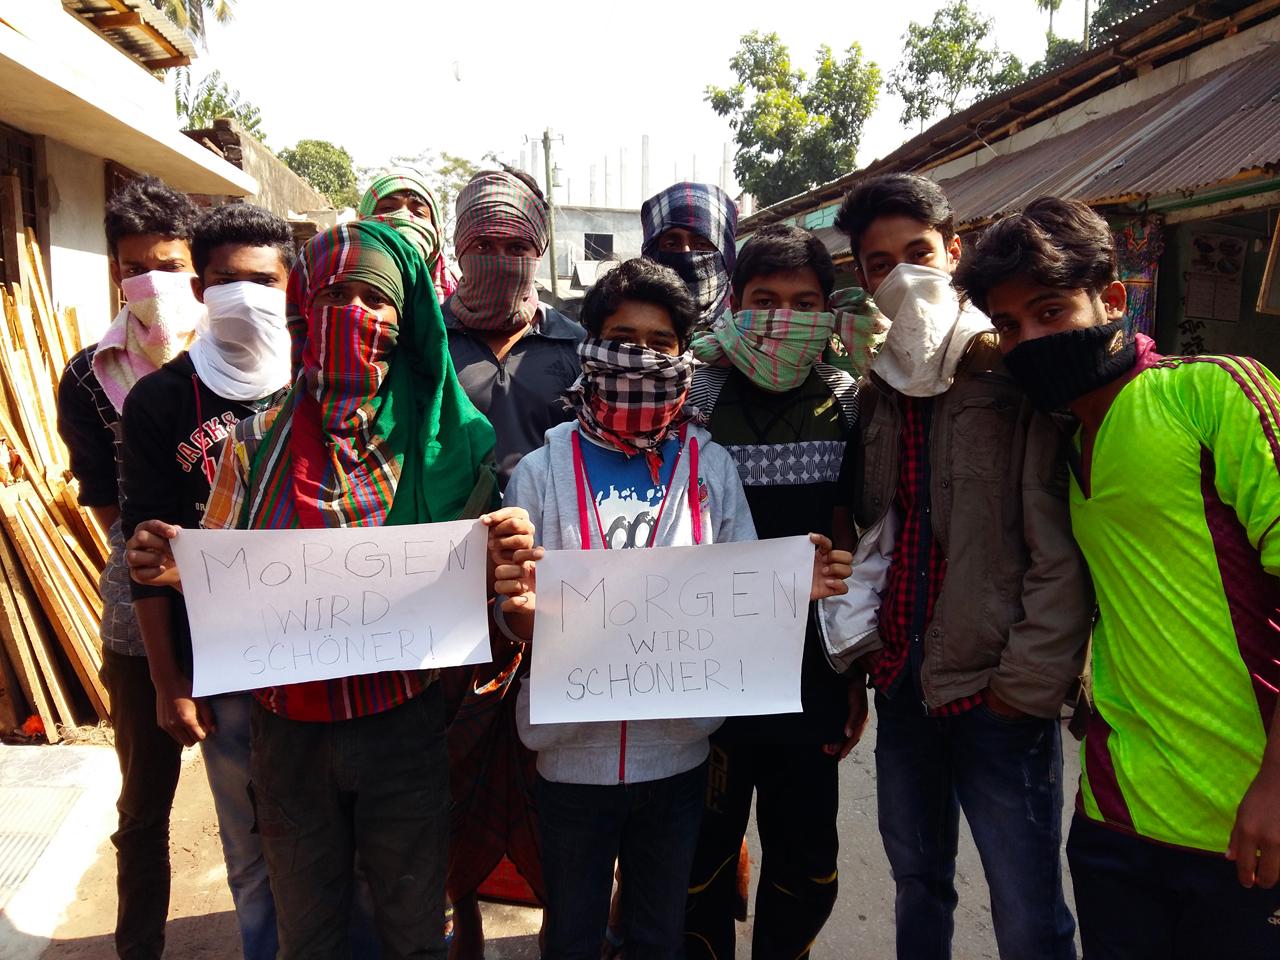 morgen-wird-schoner-bangladesh2